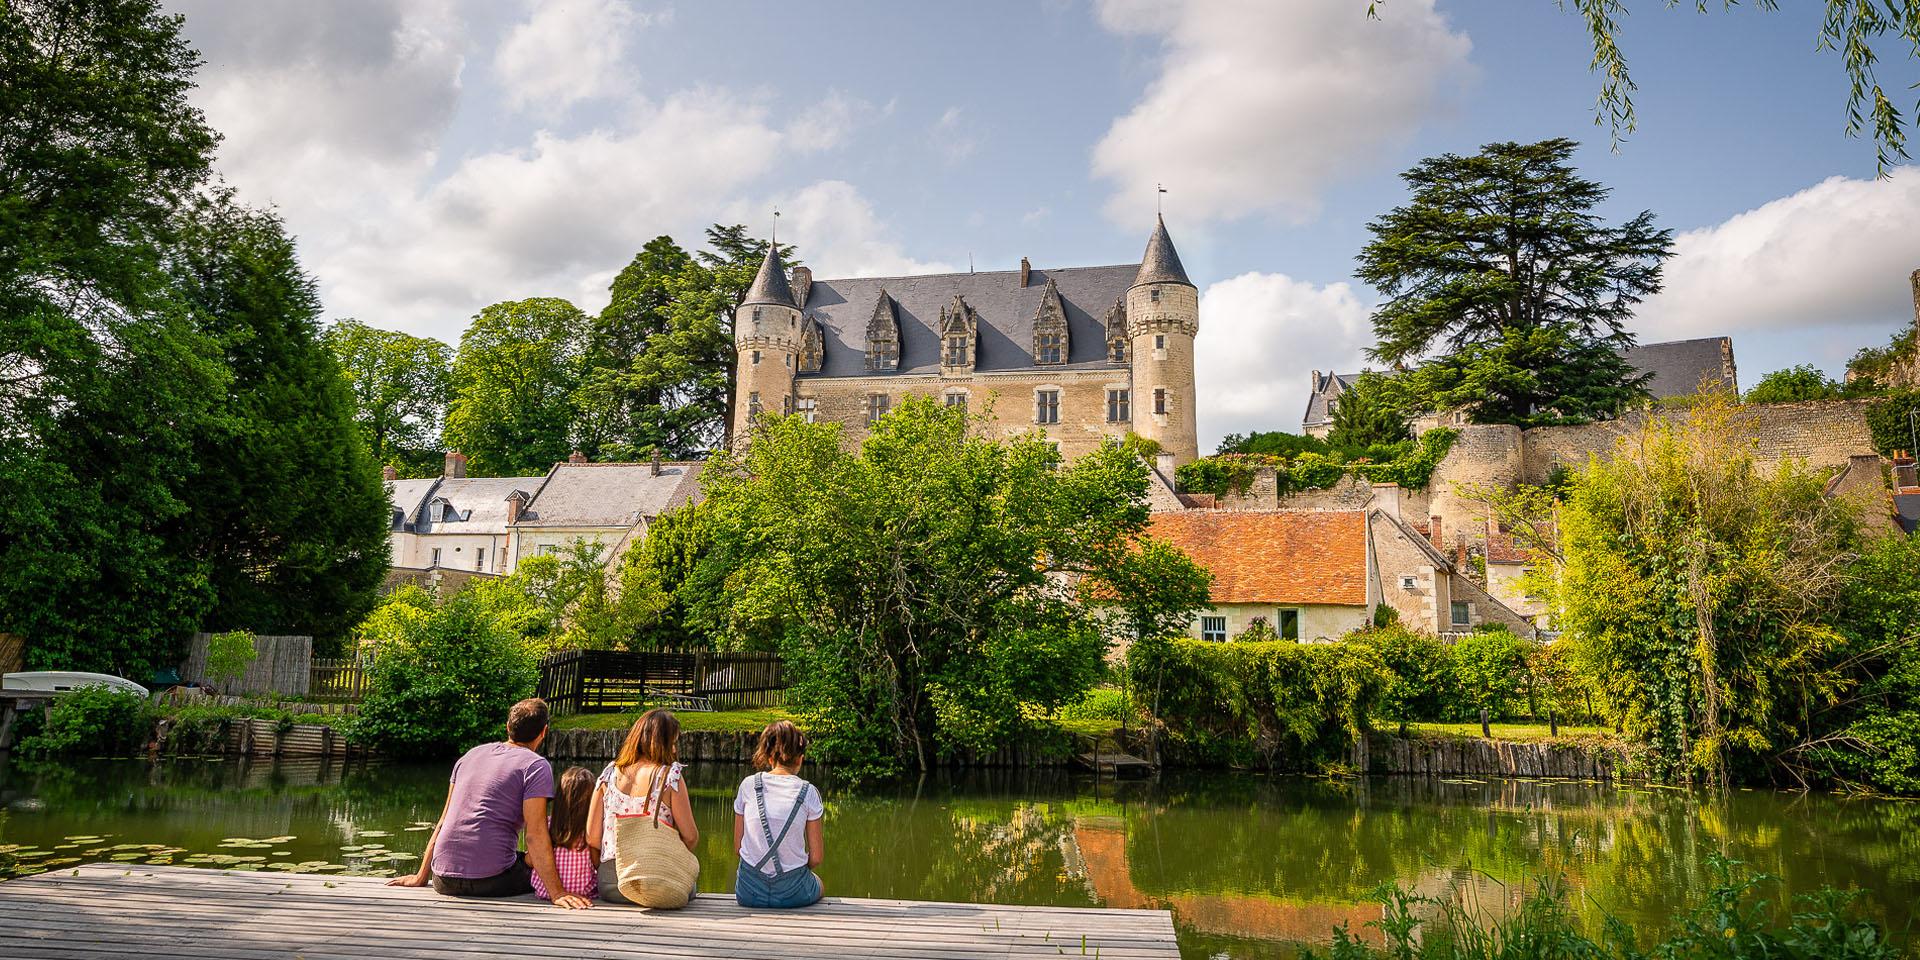 Montrésor - A beautiful french village - Loire Valley, France.